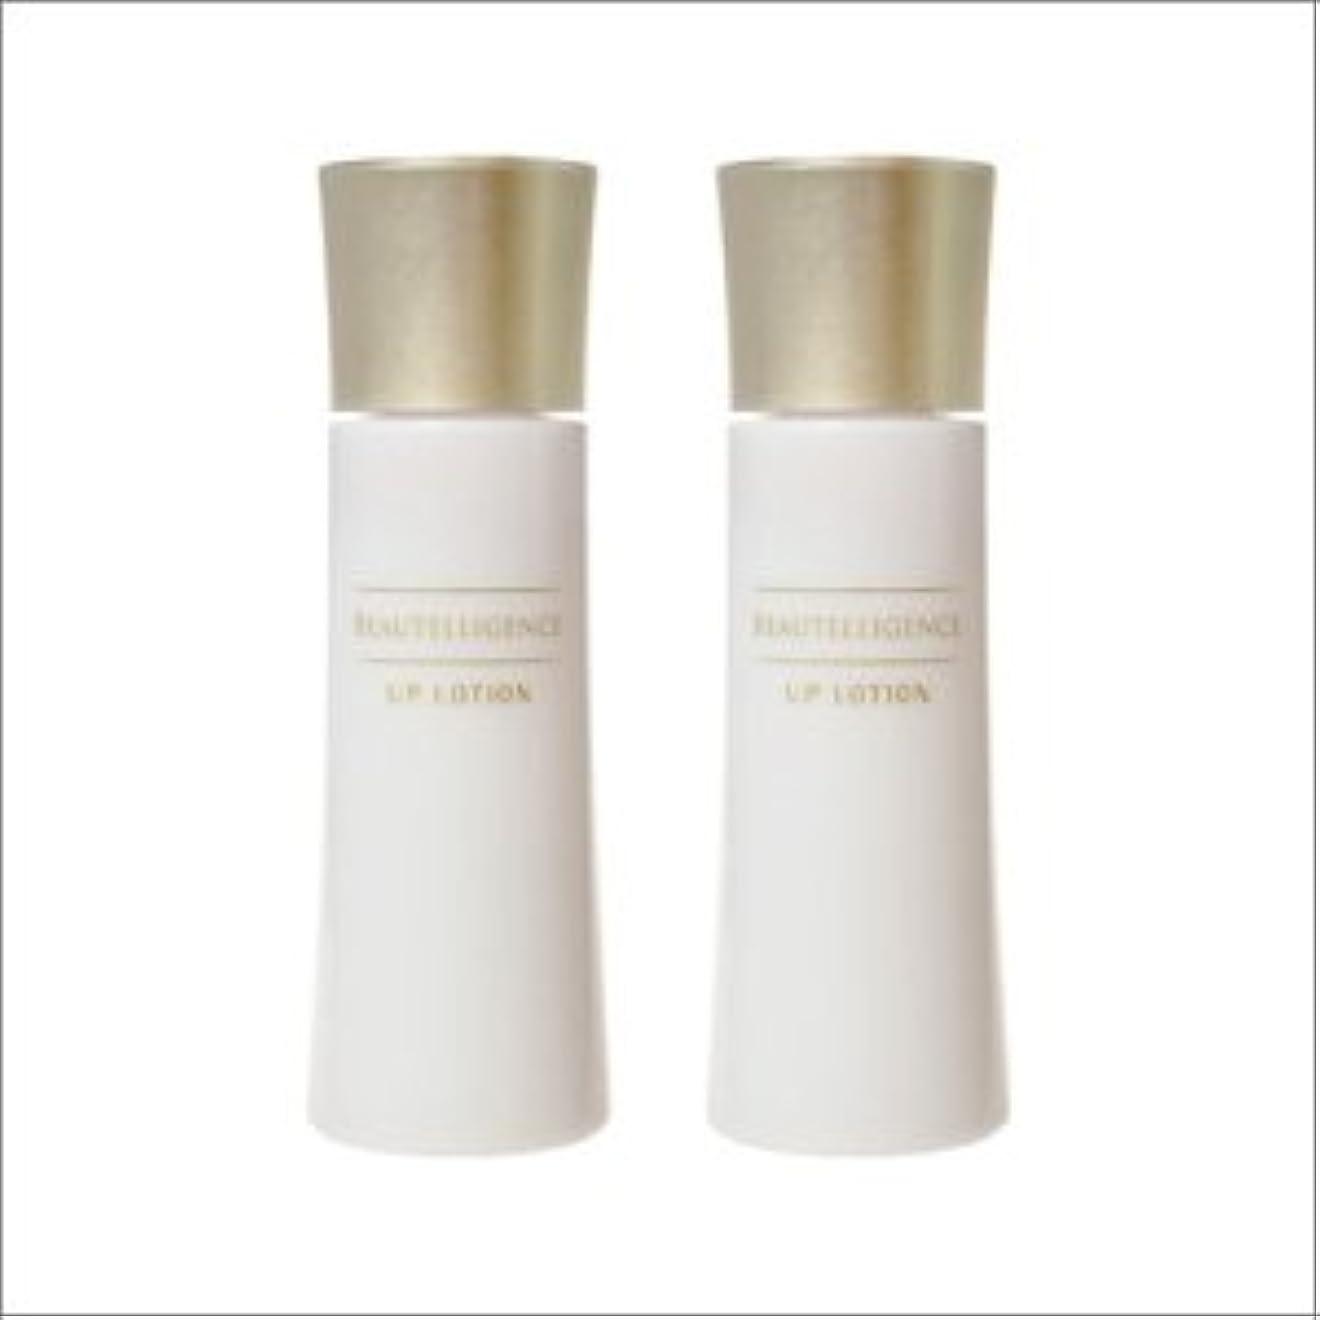 驚かす起こりやすい開示する2本セット アップローション ひきしめ 化粧水 美容液 ハリ NEWA オシリフト グリシルグリシンエイジングケア